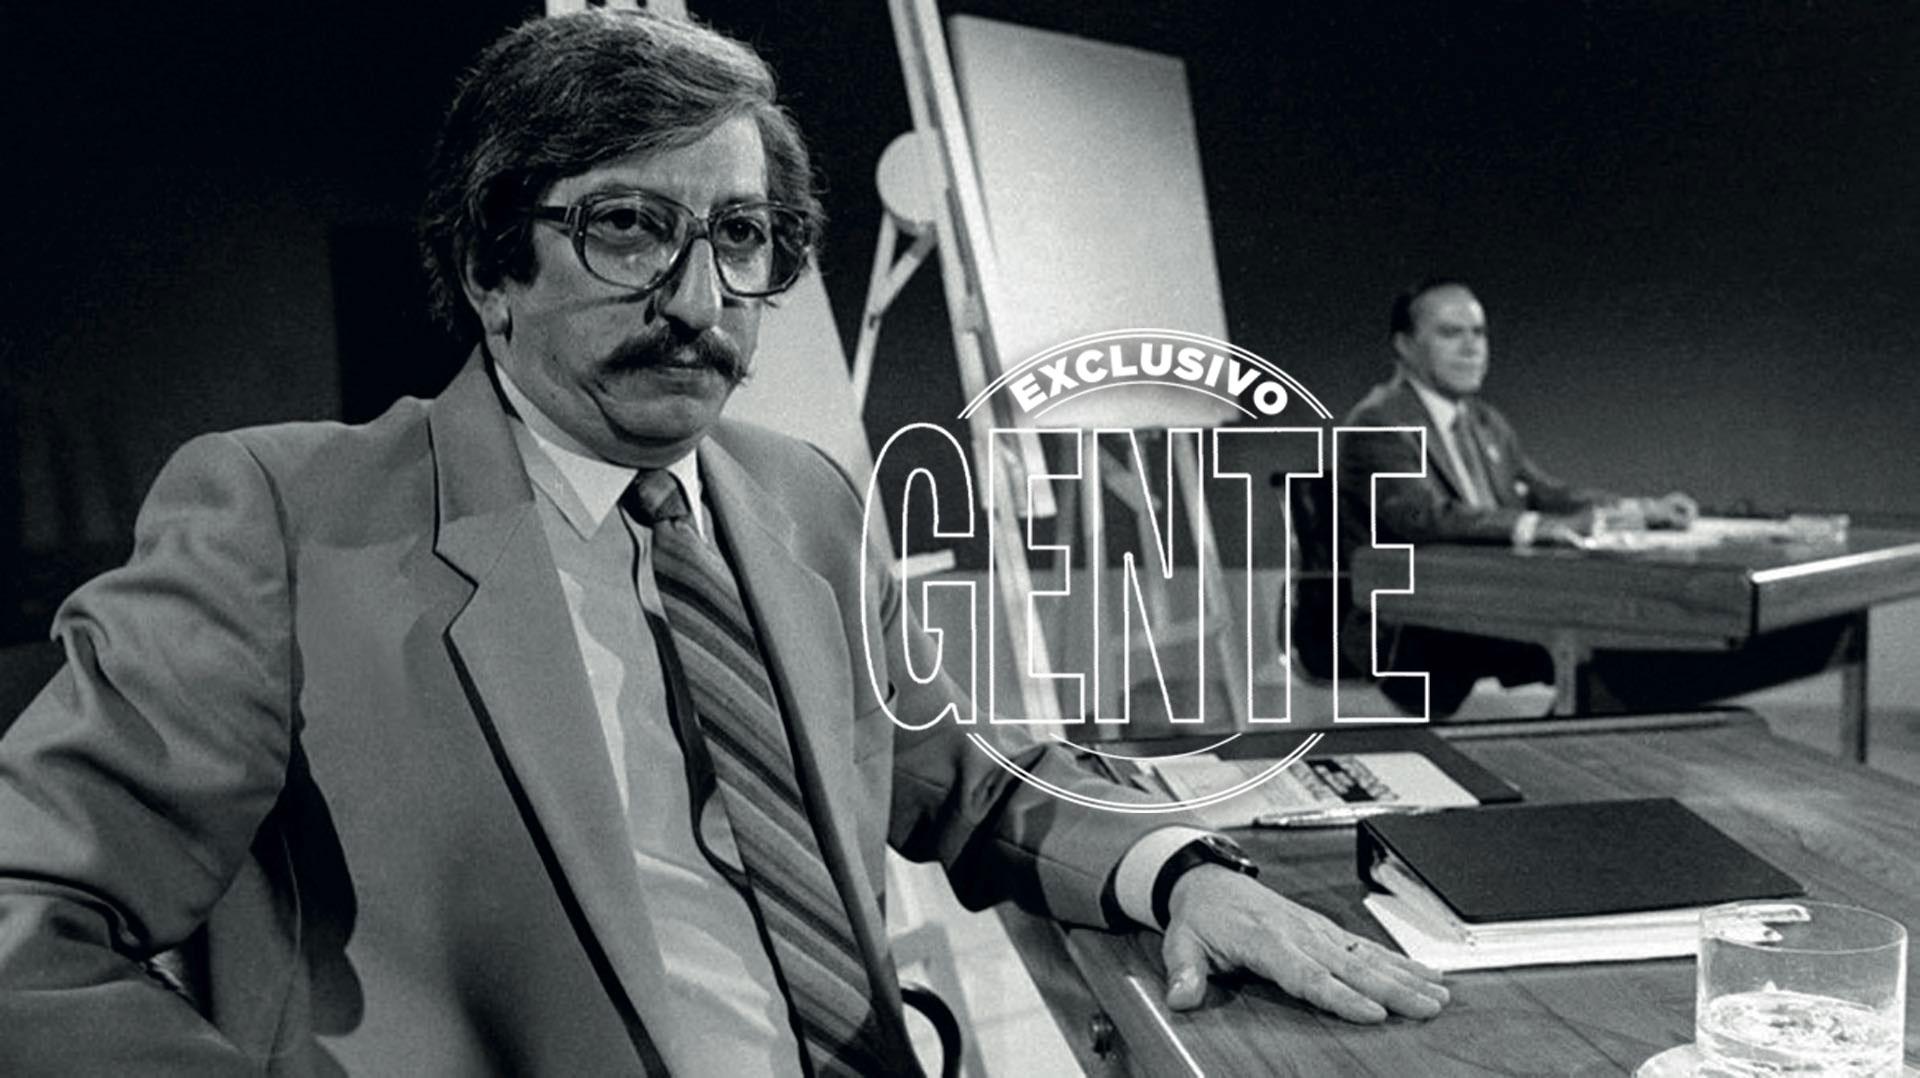 Fue el primer canciller después del retorno de la democracia. y quien selló la definitiva paz con Chile en 1984. En 1988 presidió la Asamblea General de las Naciones Unidas. Víctima del cáncer, murió a los 74 años.